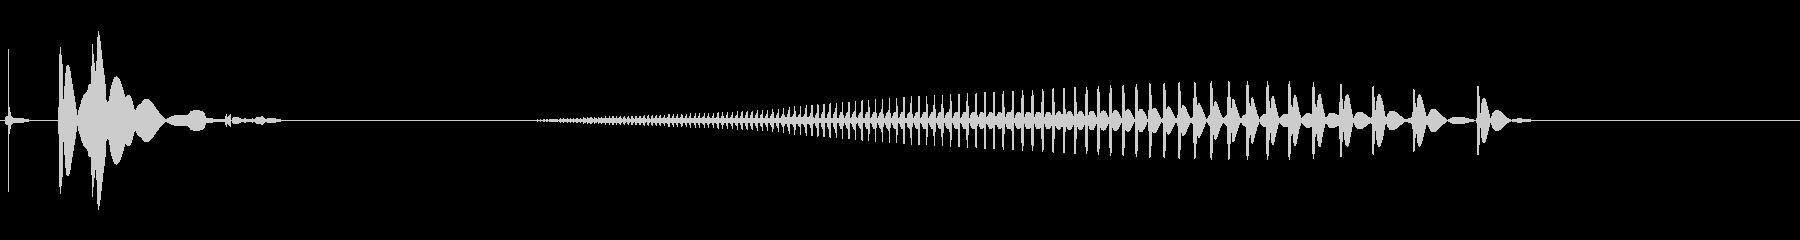 電気マイクアンプ;オフ、ヘッドセッ...の未再生の波形